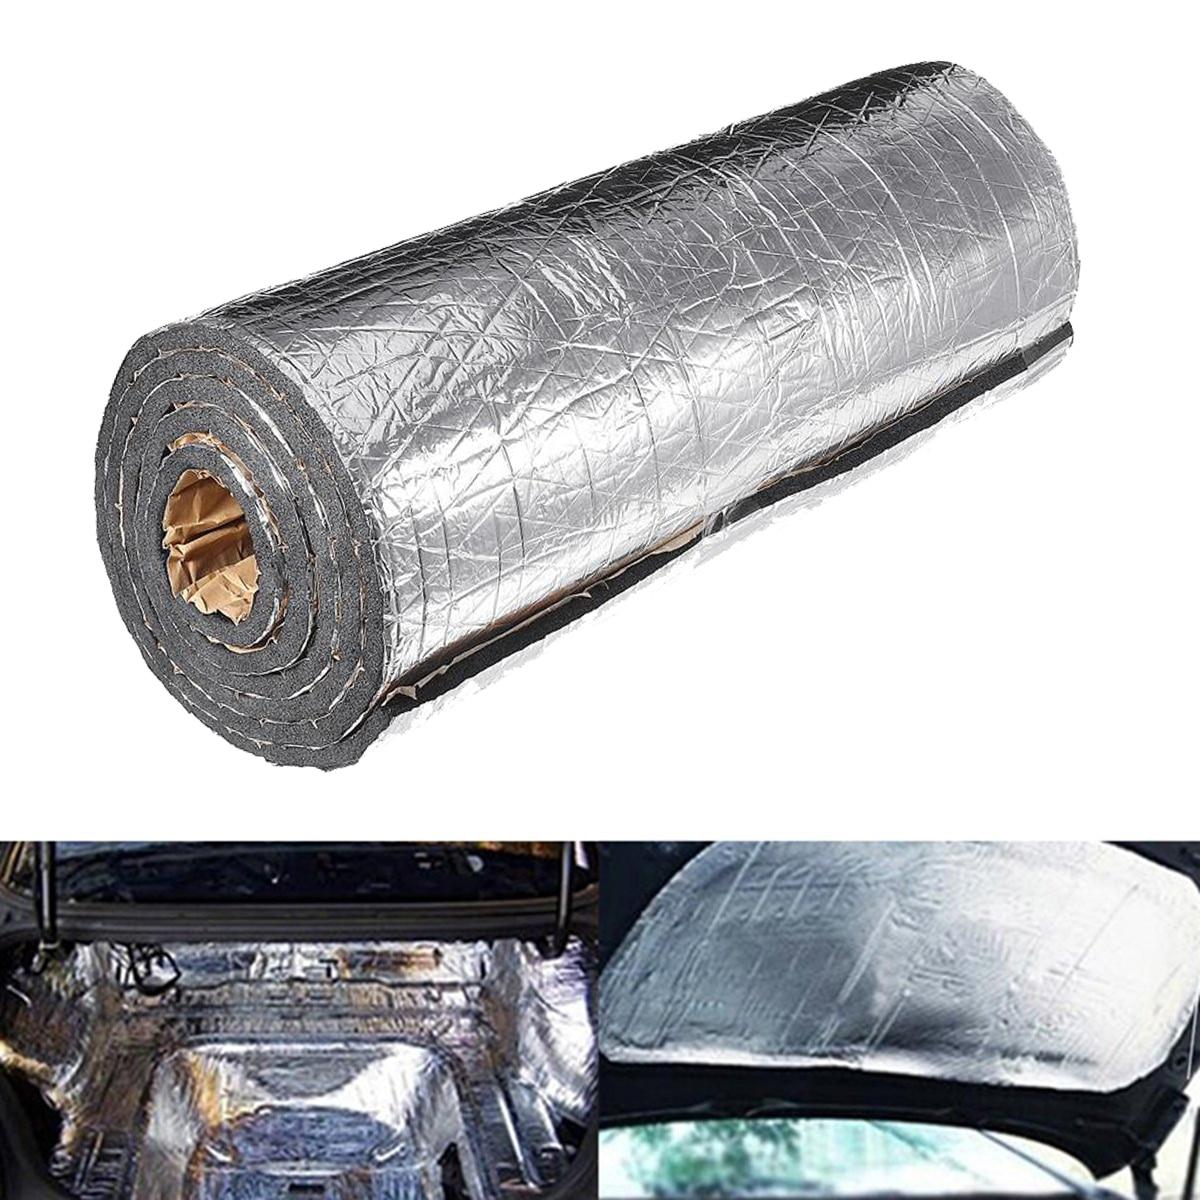 سجادة عازلة للضوضاء من الصوف للسيارة والشاحنة ، 200 سنتيمتر × 50 سنتيمتر ، 7 مللي متر/10 مللي متر عازل للصوت والحرارة